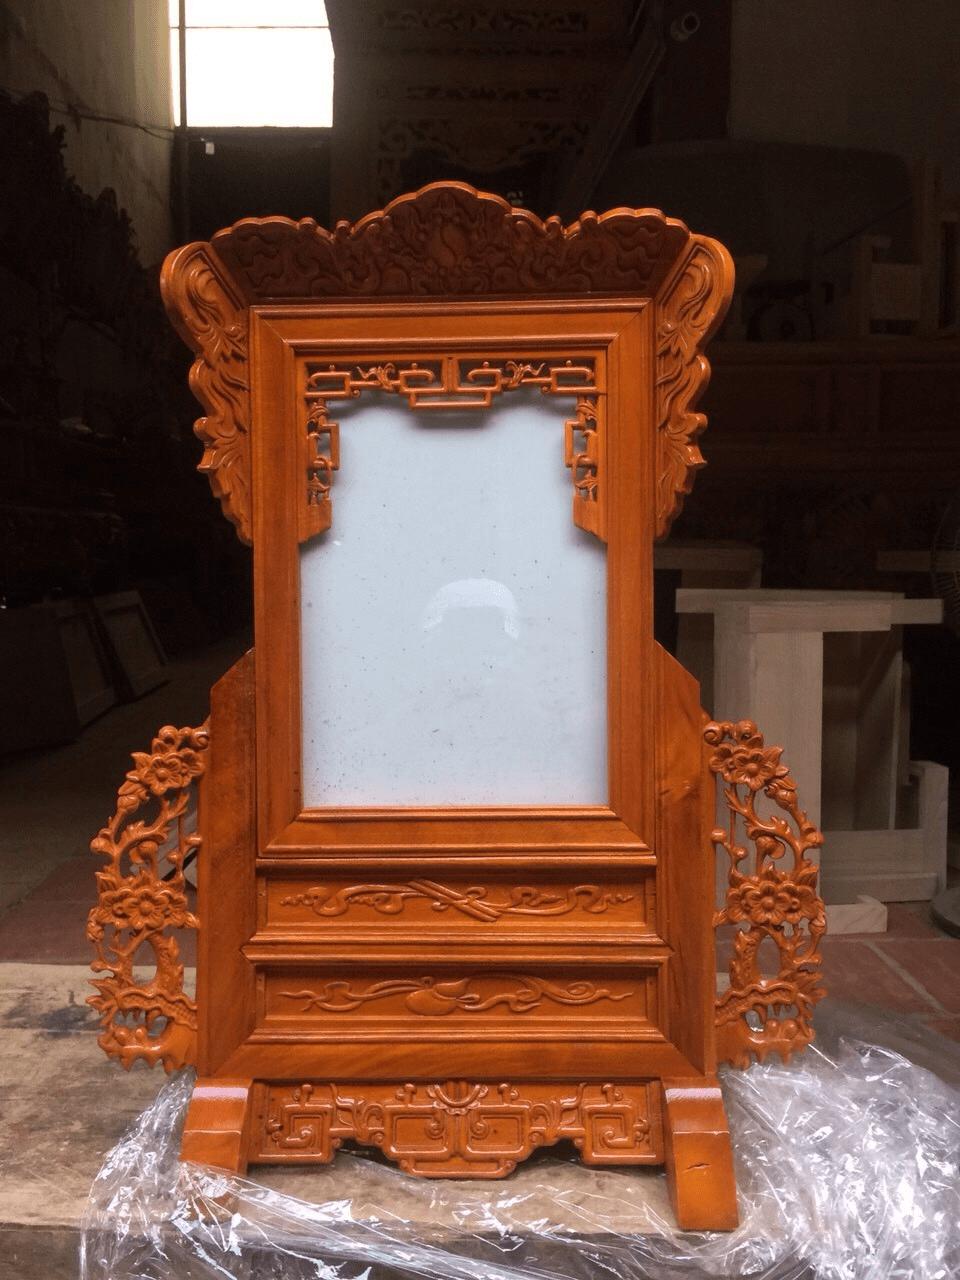 Khung ảnh thờ bằng gỗ mít chạm khắc hoa văn tinh tế